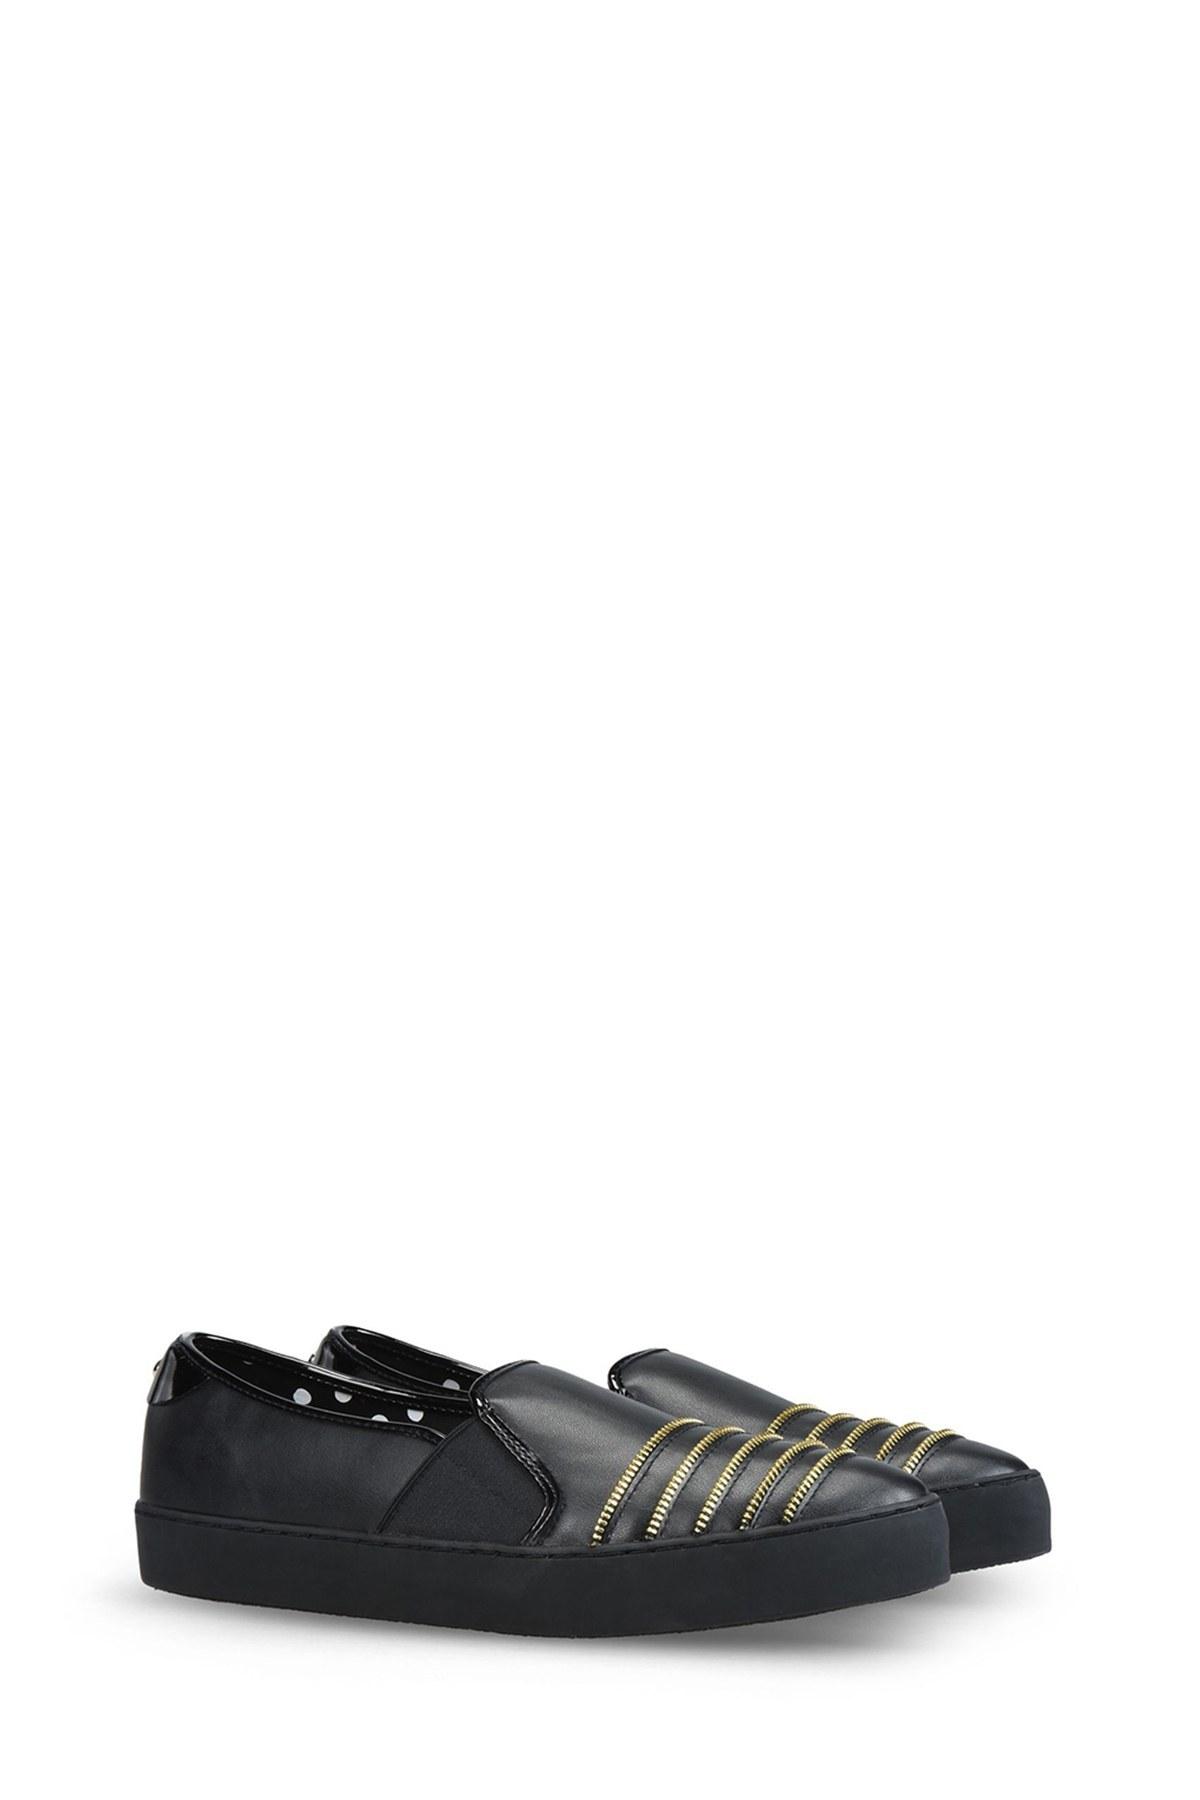 ARMANI JEANS Kadın Ayakkabı 9250806A472